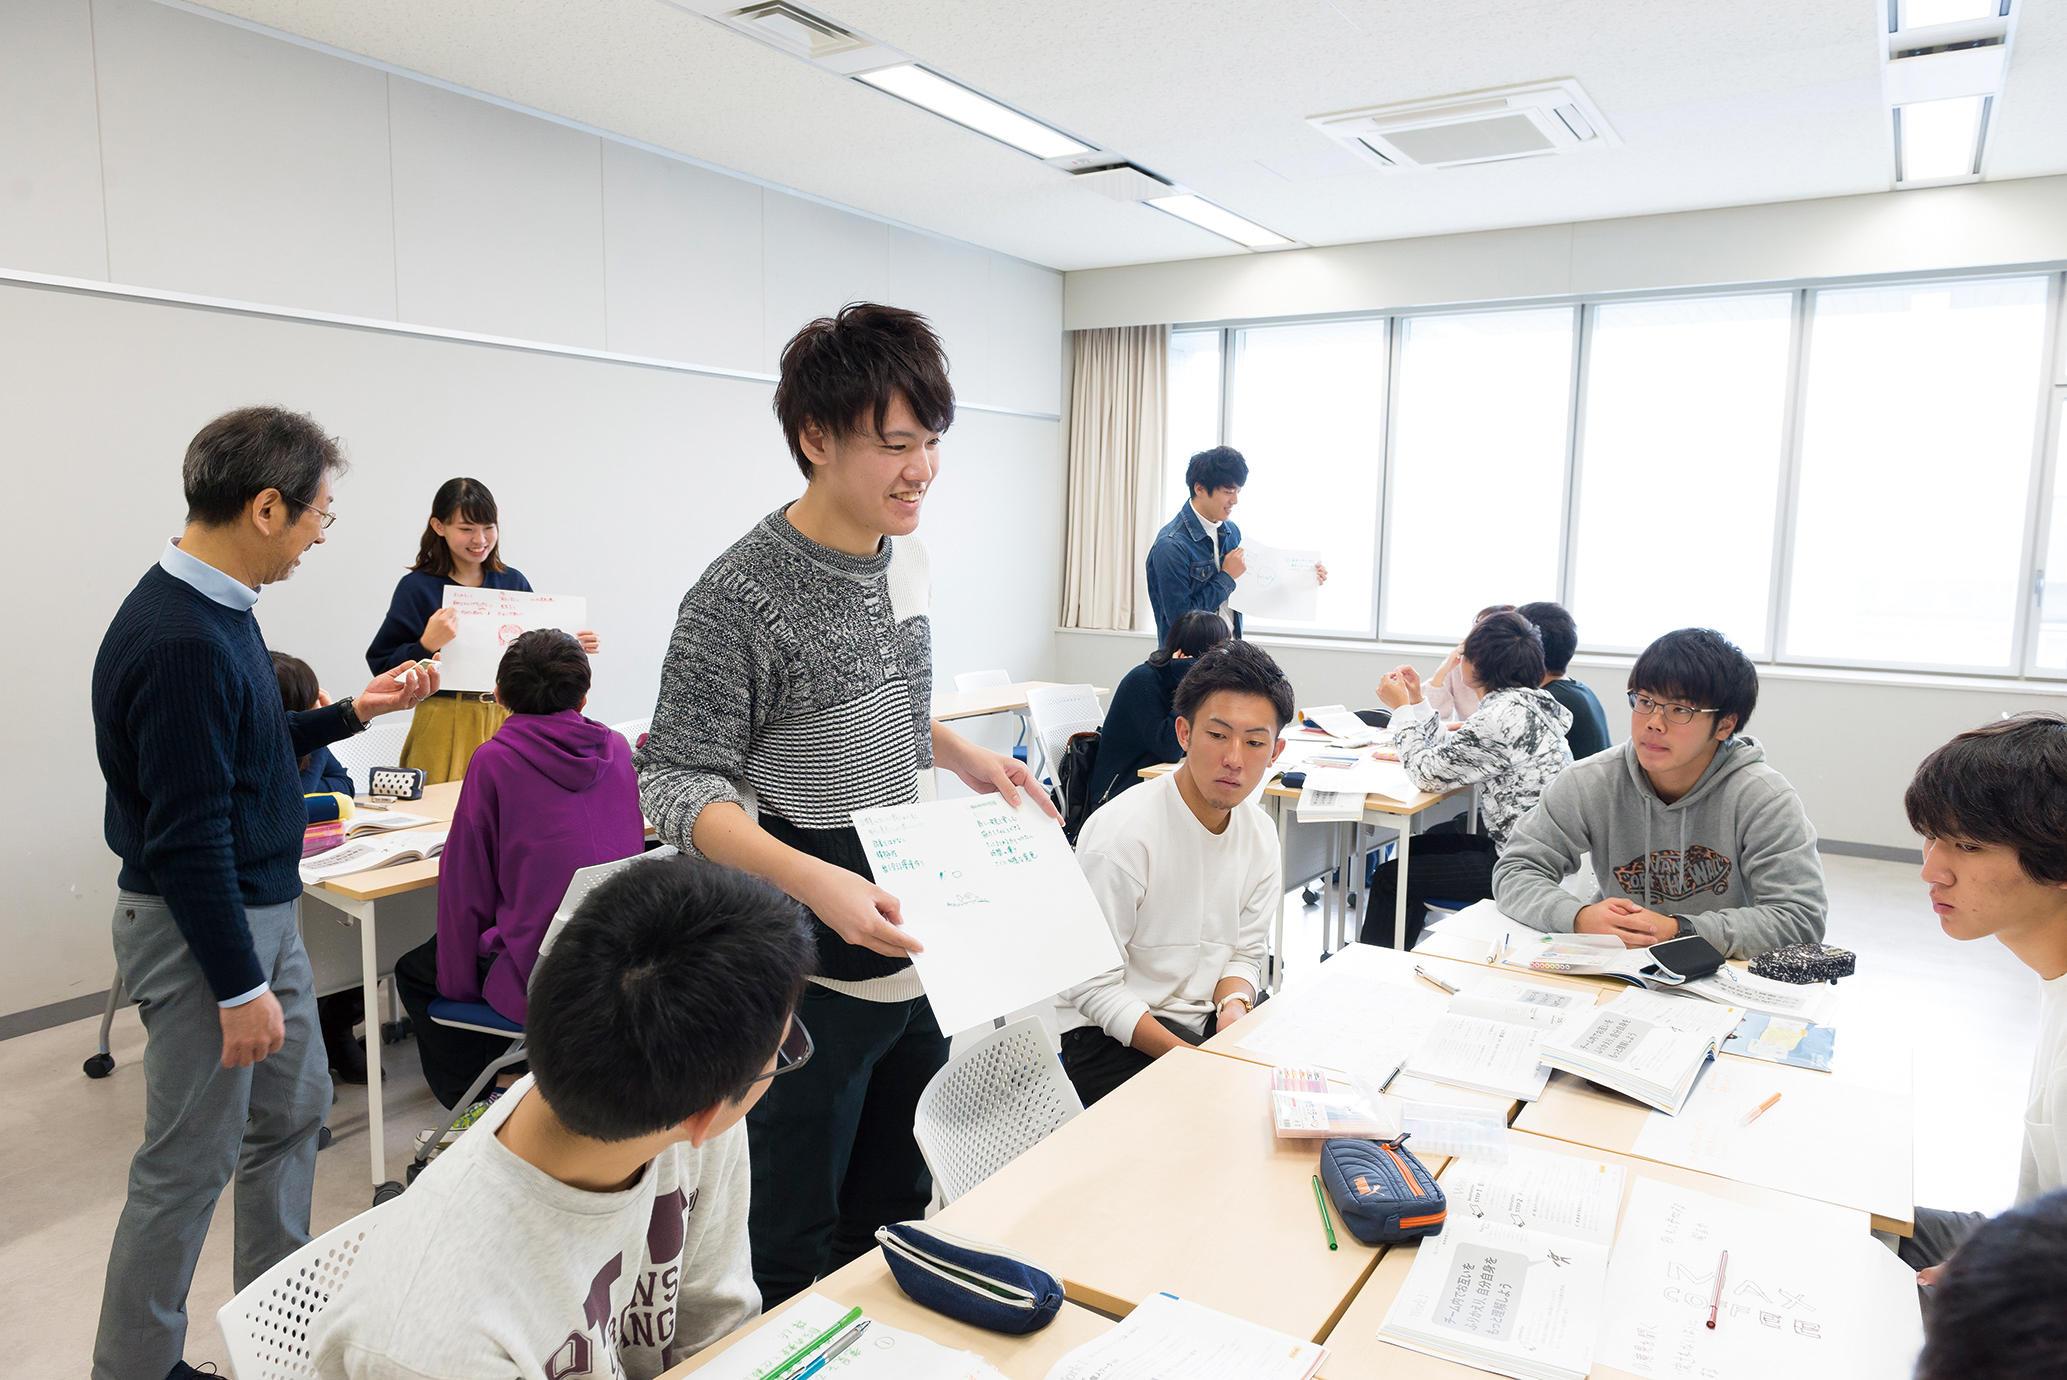 【キャリアデザイン・フォーラム2019】5月18日(土)開催 主体性を引き出すキャリア教育 ~高校・大学・会社での連続的なキャリア形成~ -- 東京経済大学